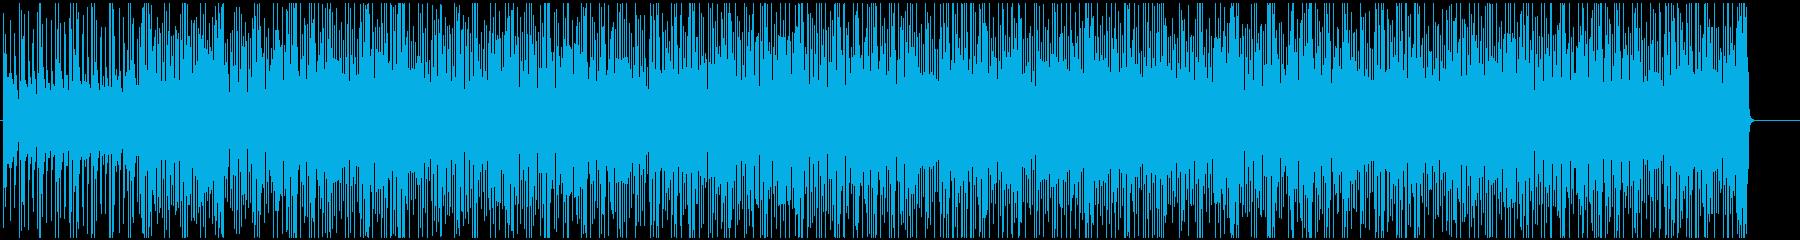 アコギの爽やかで軽快な雰囲気のポップスの再生済みの波形